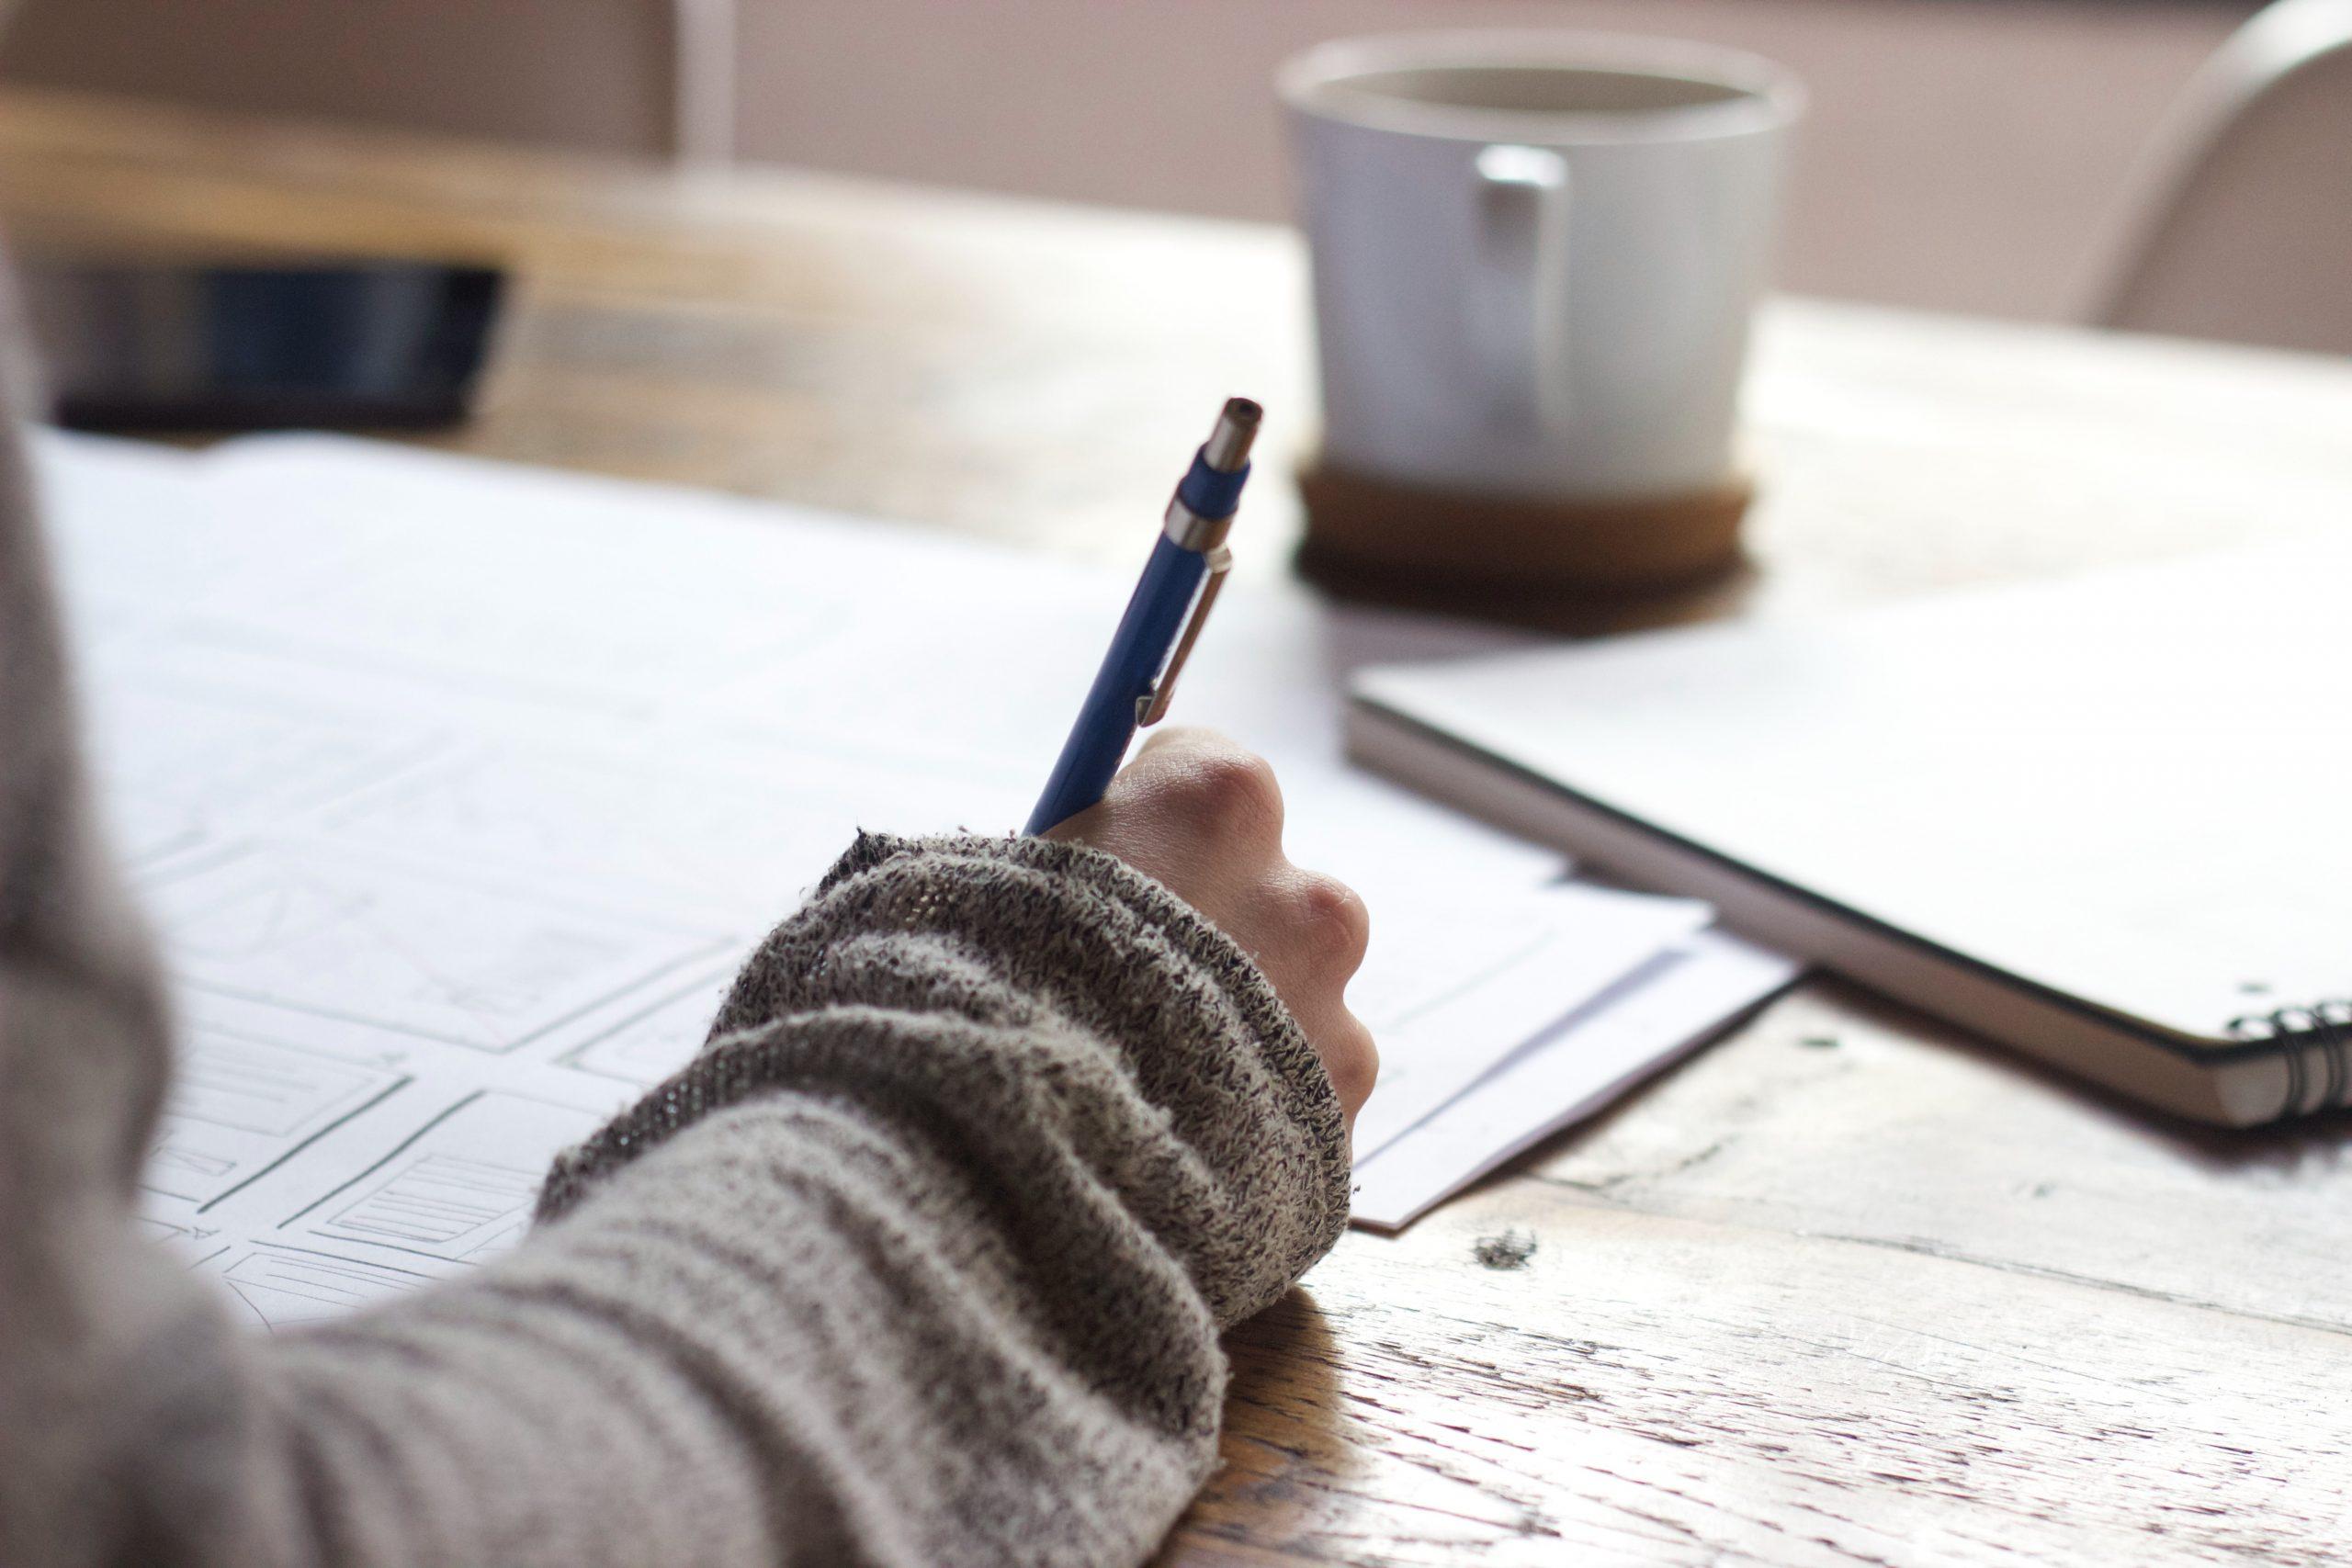 Enseignement supérieur : Les étudiants positifs ou en quarantaine doivent pouvoir représenter leurs examens